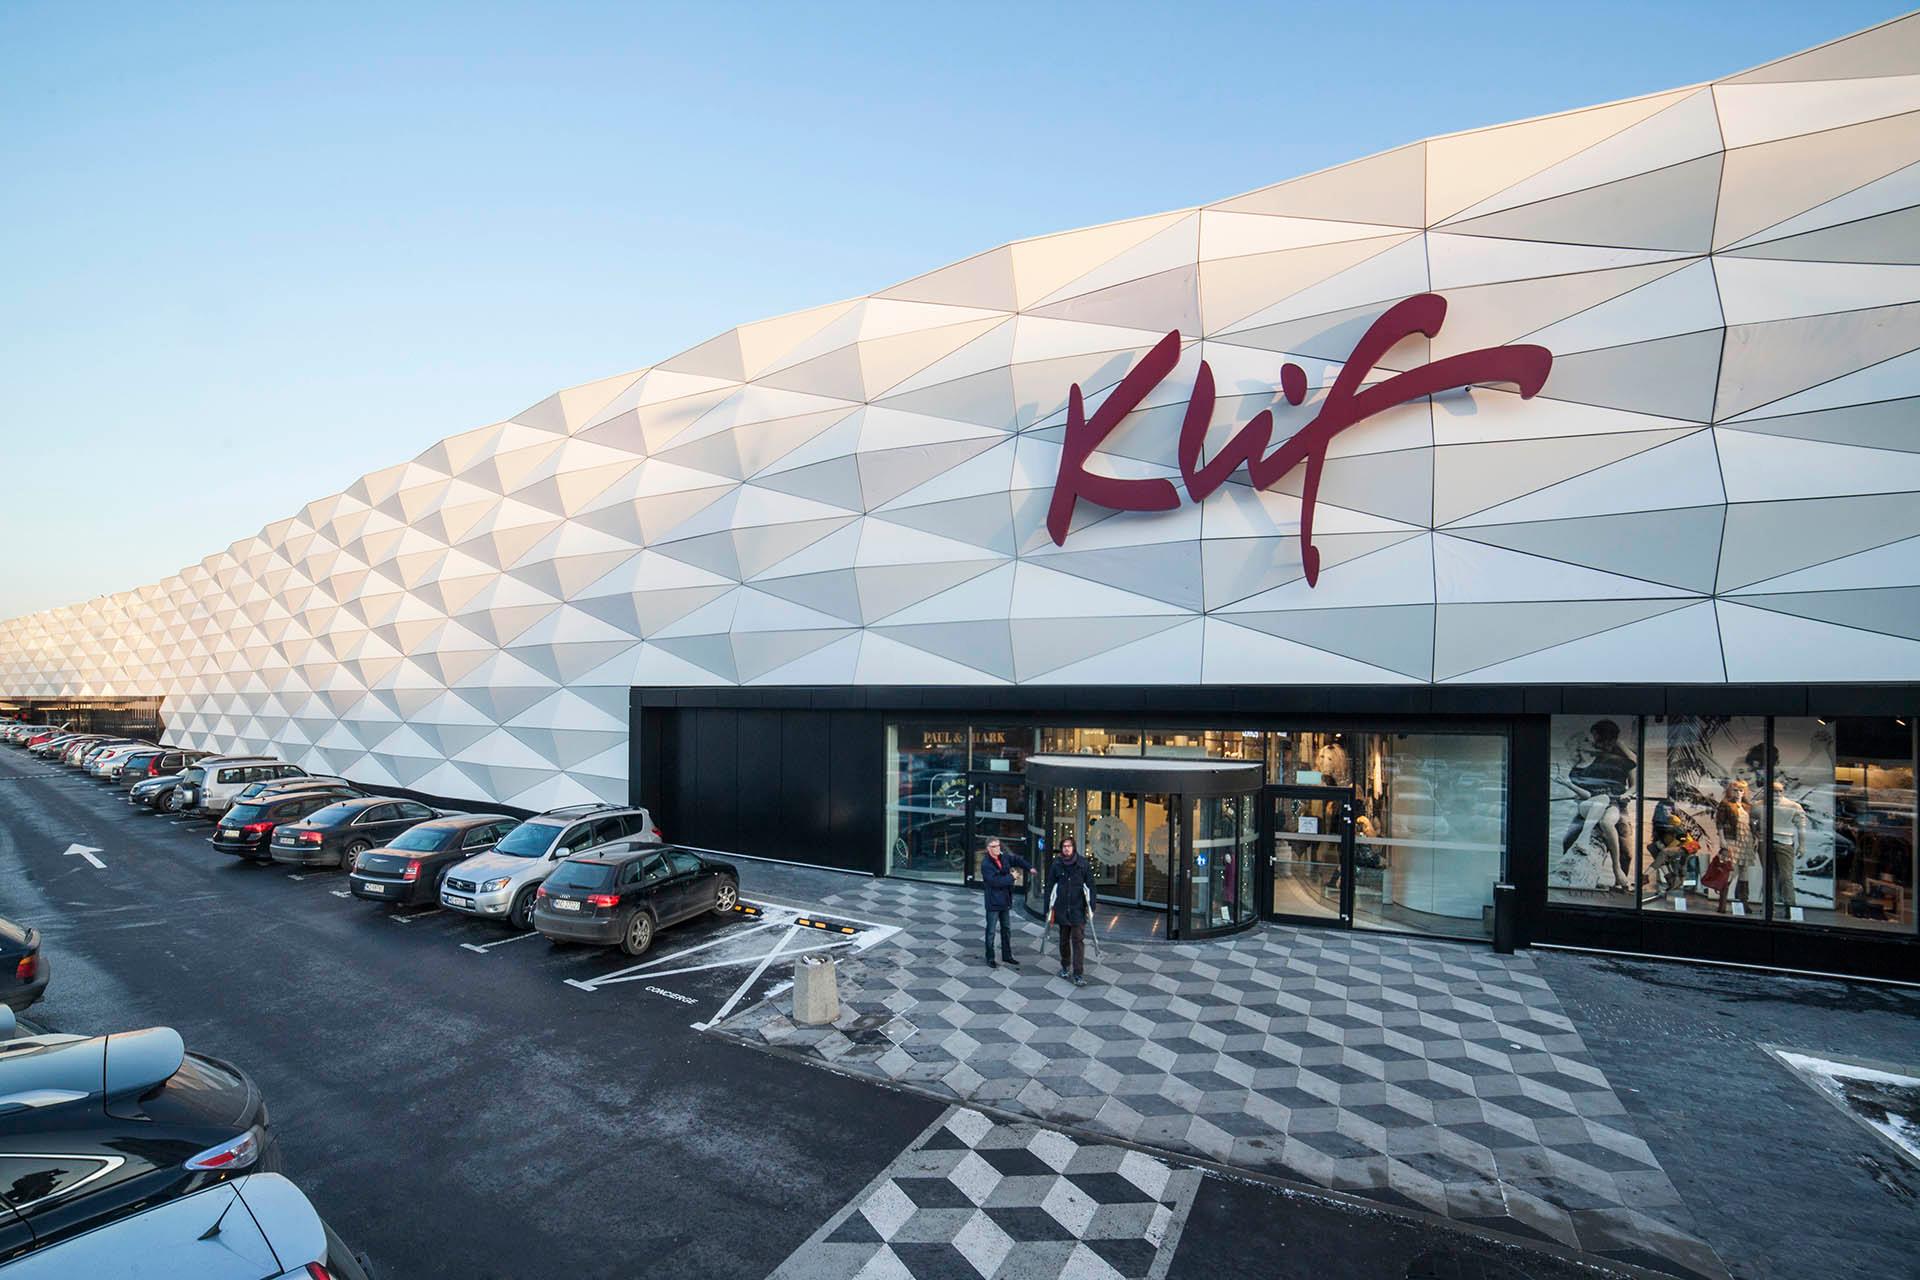 Kliff-Shopping-Centre-(1)